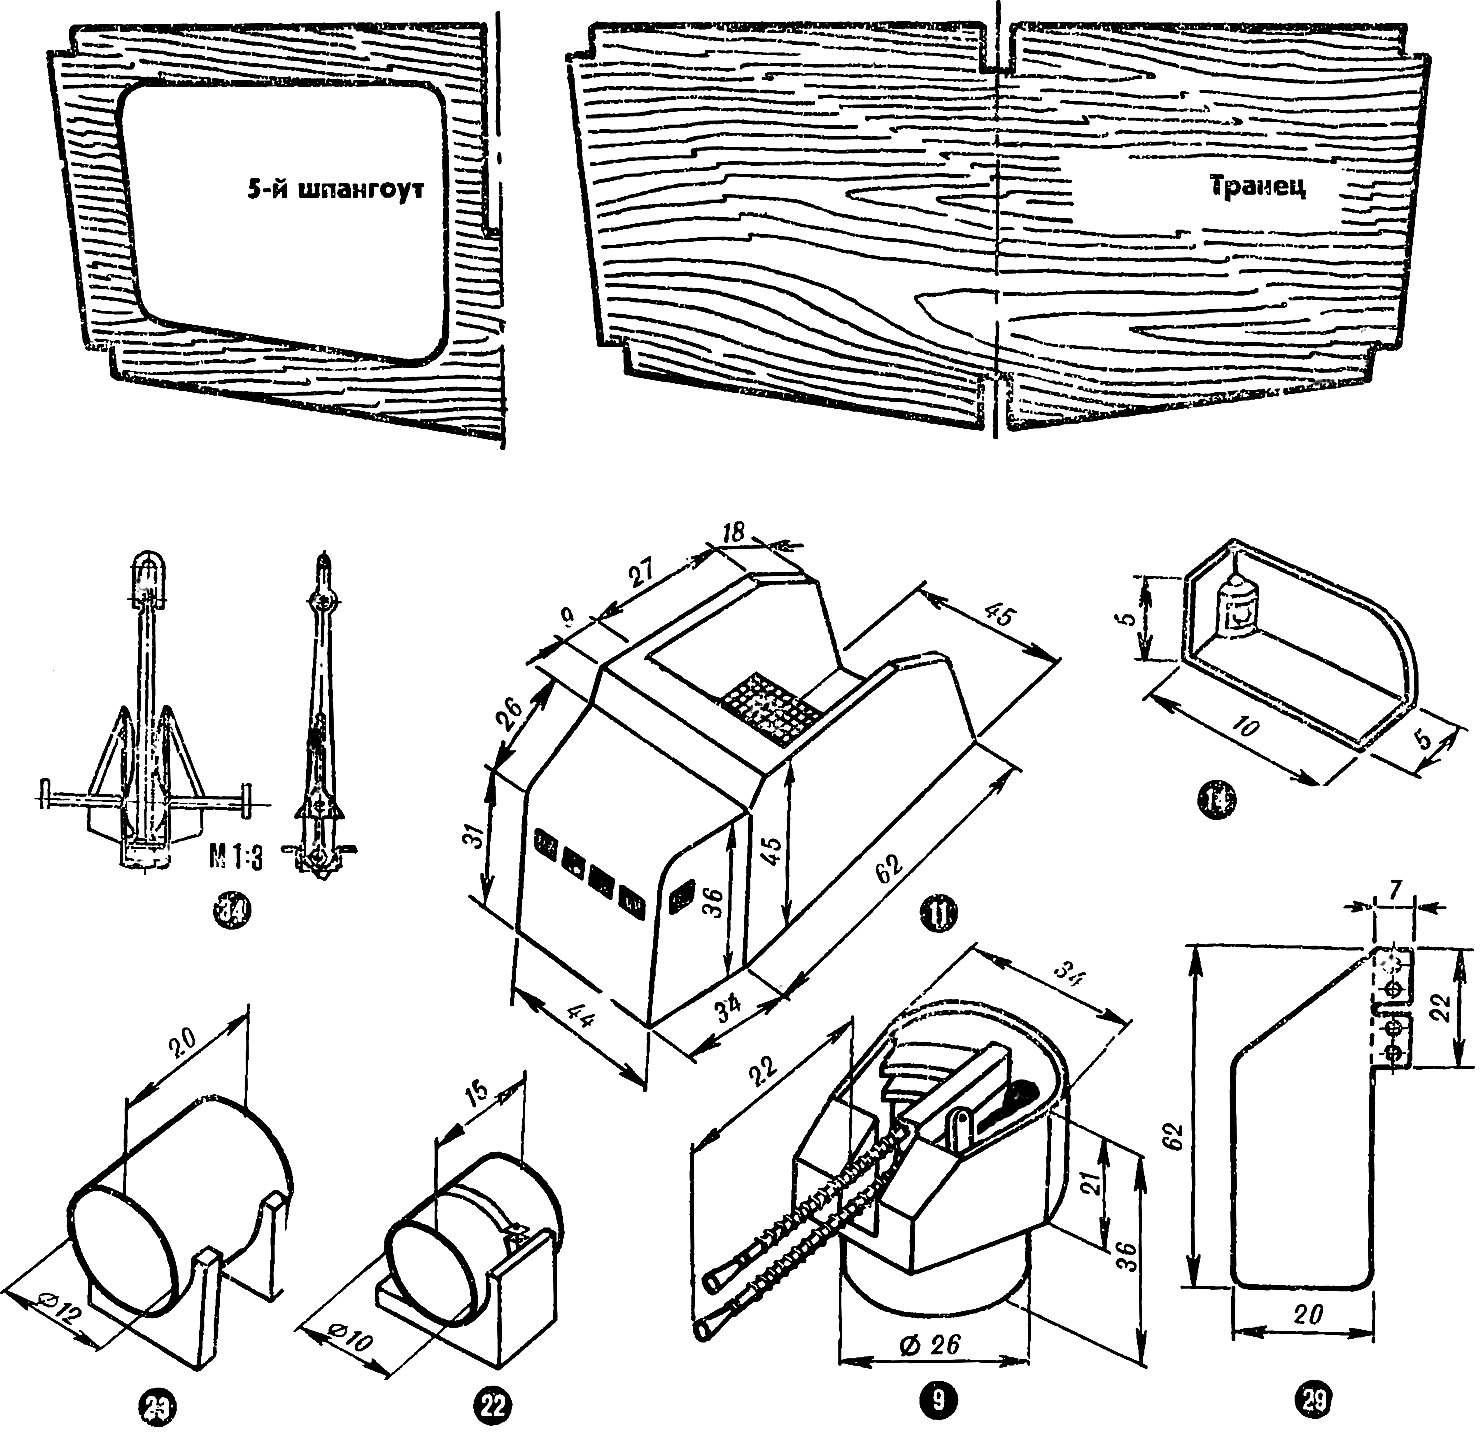 Модель торпедного катера